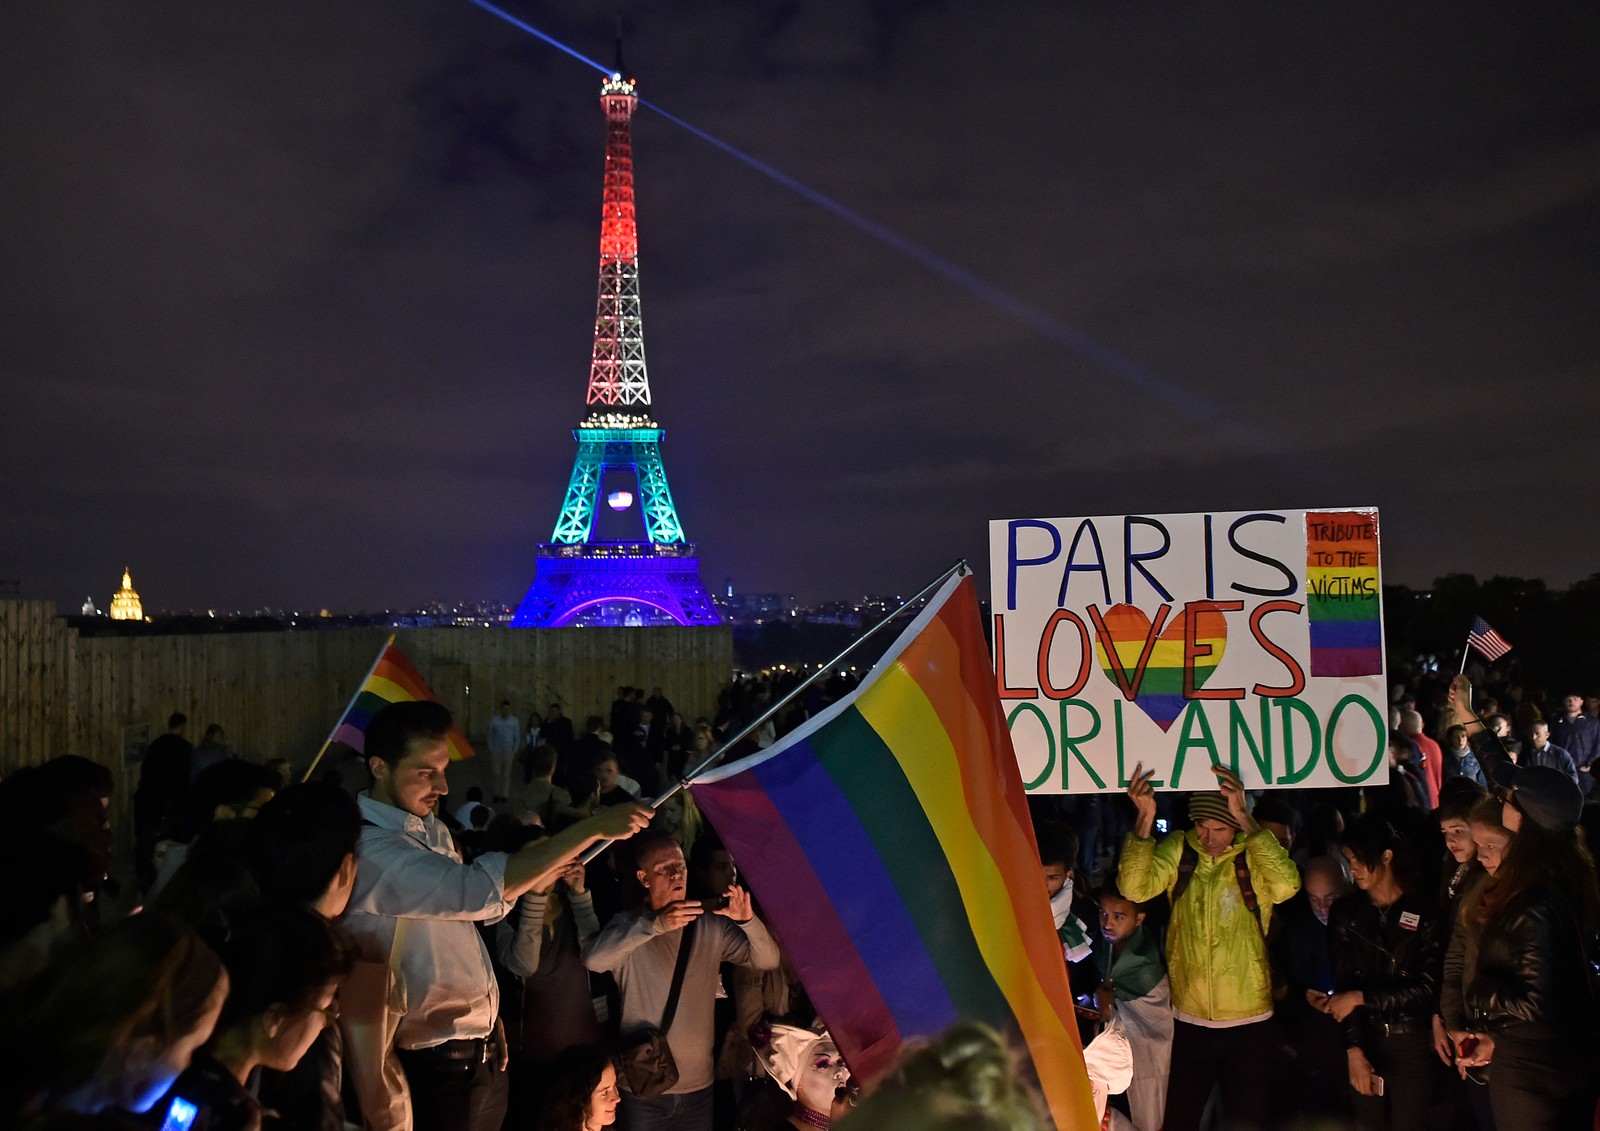 FRANKRIKE: Eiffeltårnet i Paris ble lyst opp i regnbuens farger til minne om ofrene etter skytemassakren i Orlando, Florida.